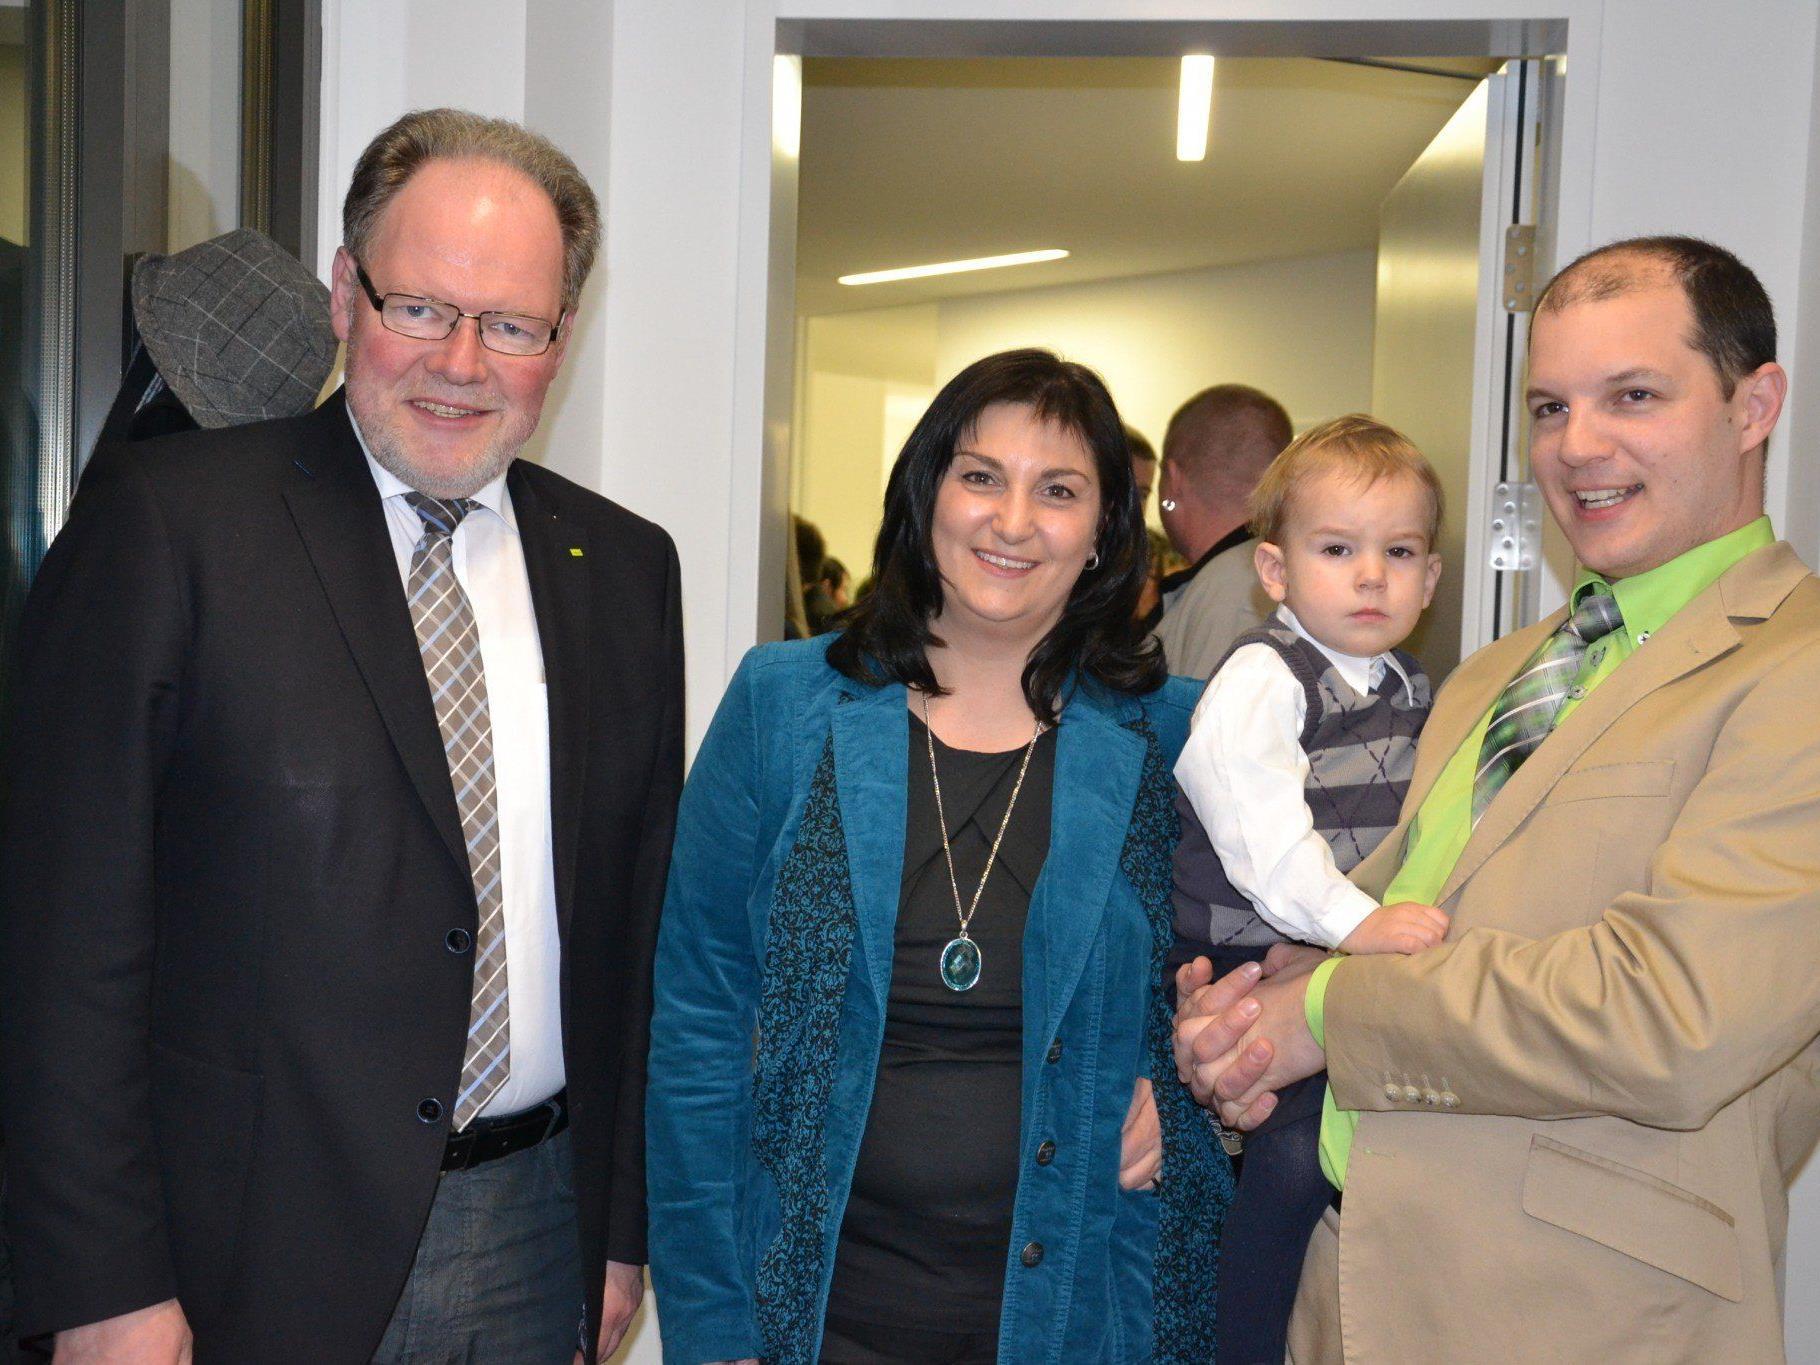 Bürgermeister Werner Huber gratulierte Nicole Hagen und Andreas Boboś zur Büroeröffnung. Auch Sohn Jakob freute sich mit seinem Papa